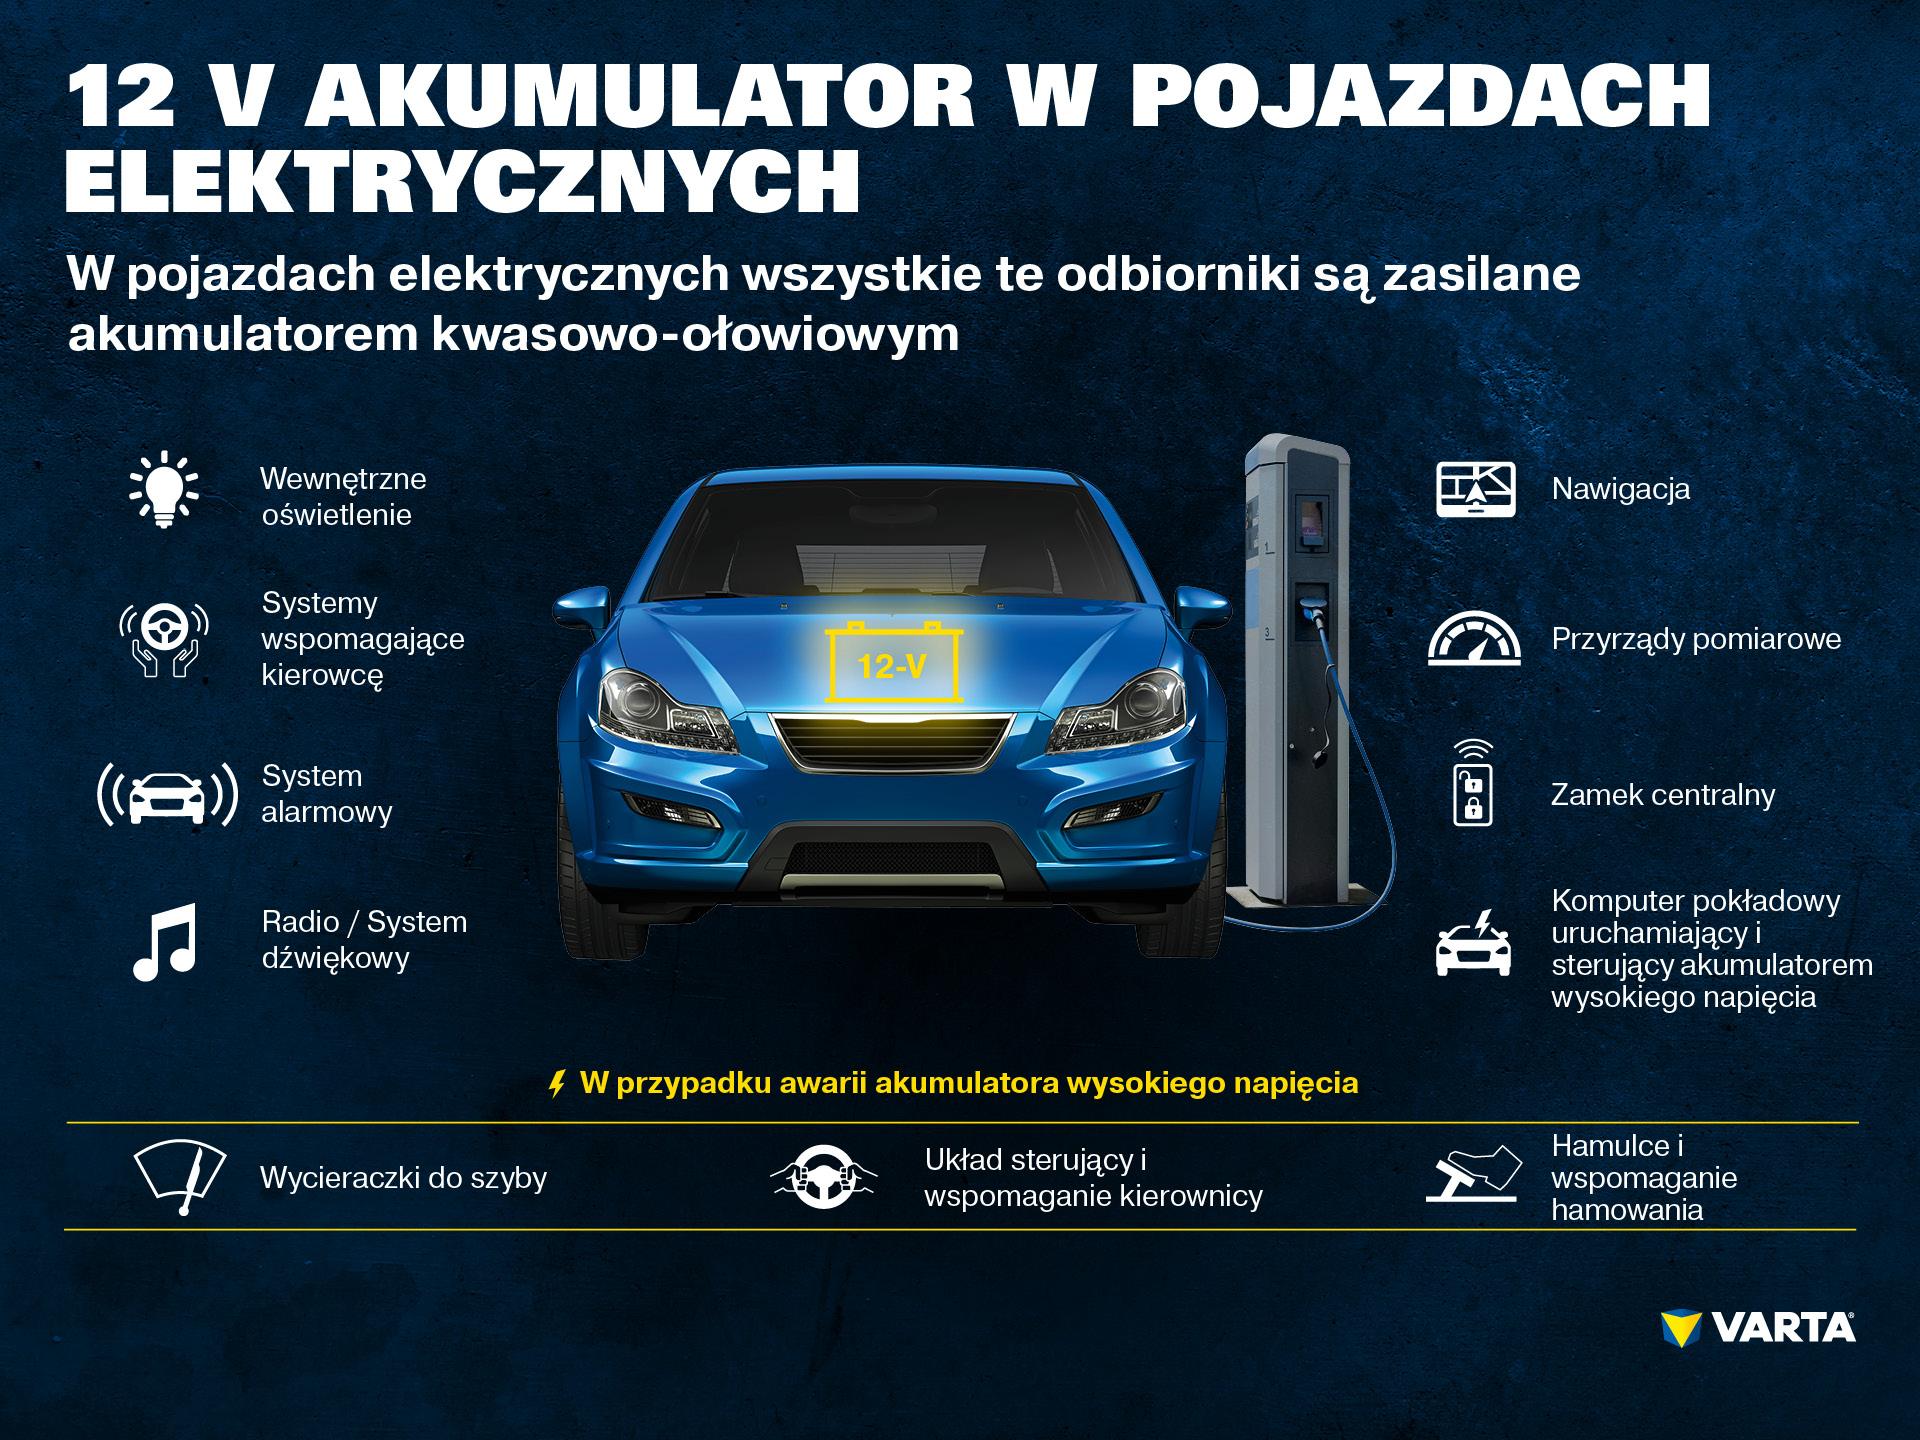 12 V Akumulator